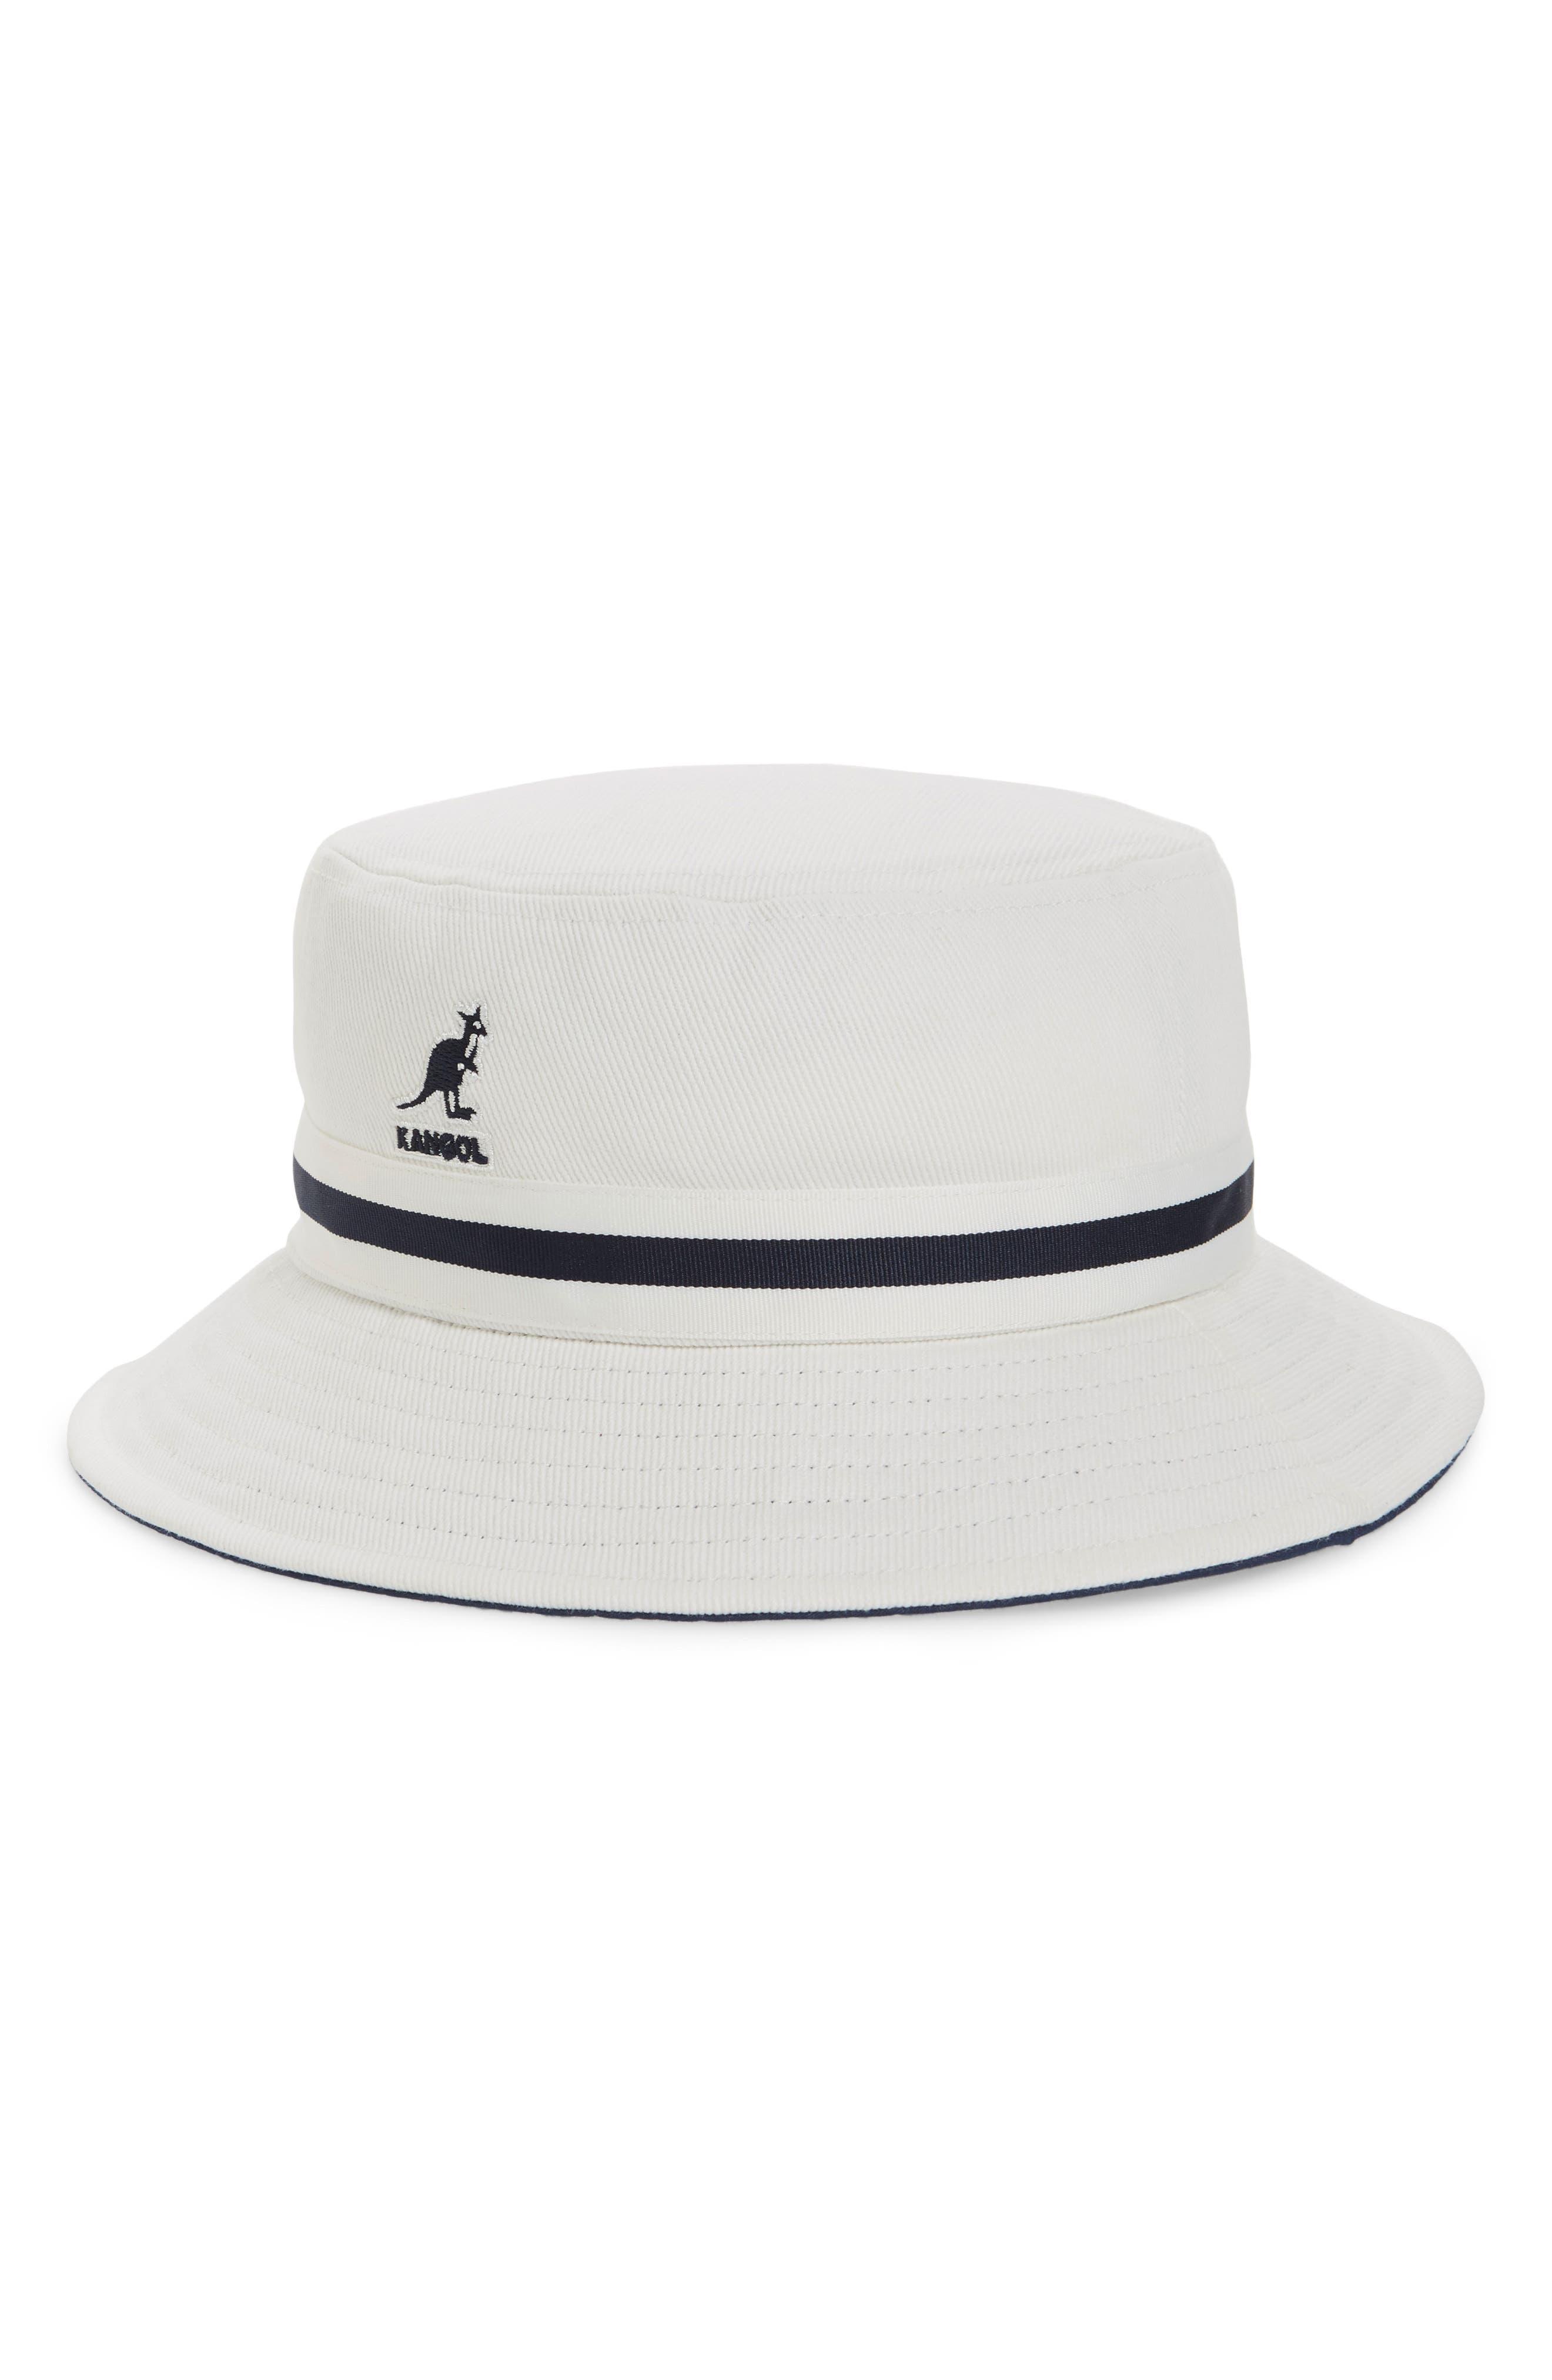 Kangol Hats for Women  d33ef66a29f